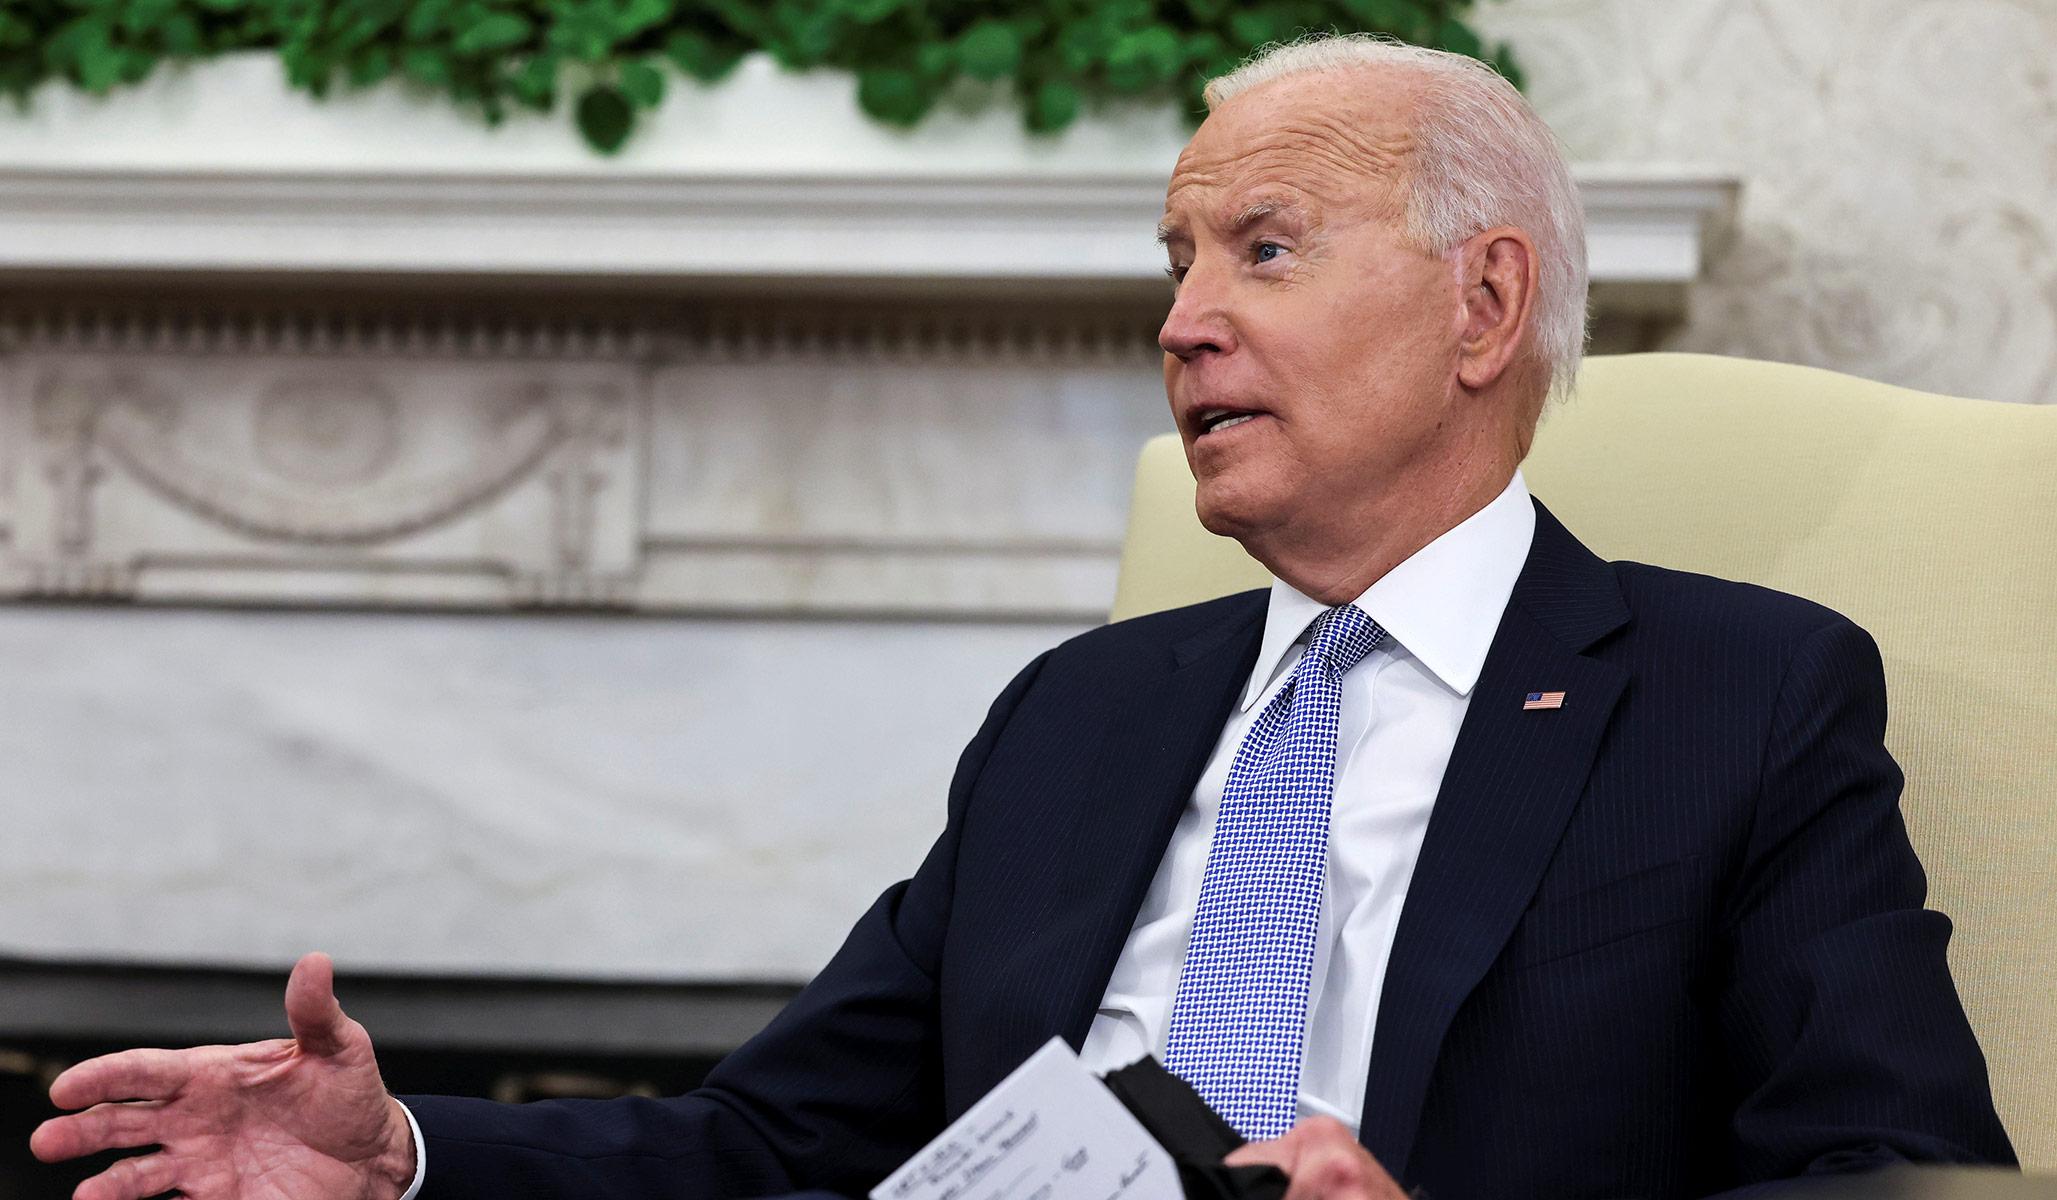 Joe Biden Bertanggung Jawab atas Rekor Gedung Putih